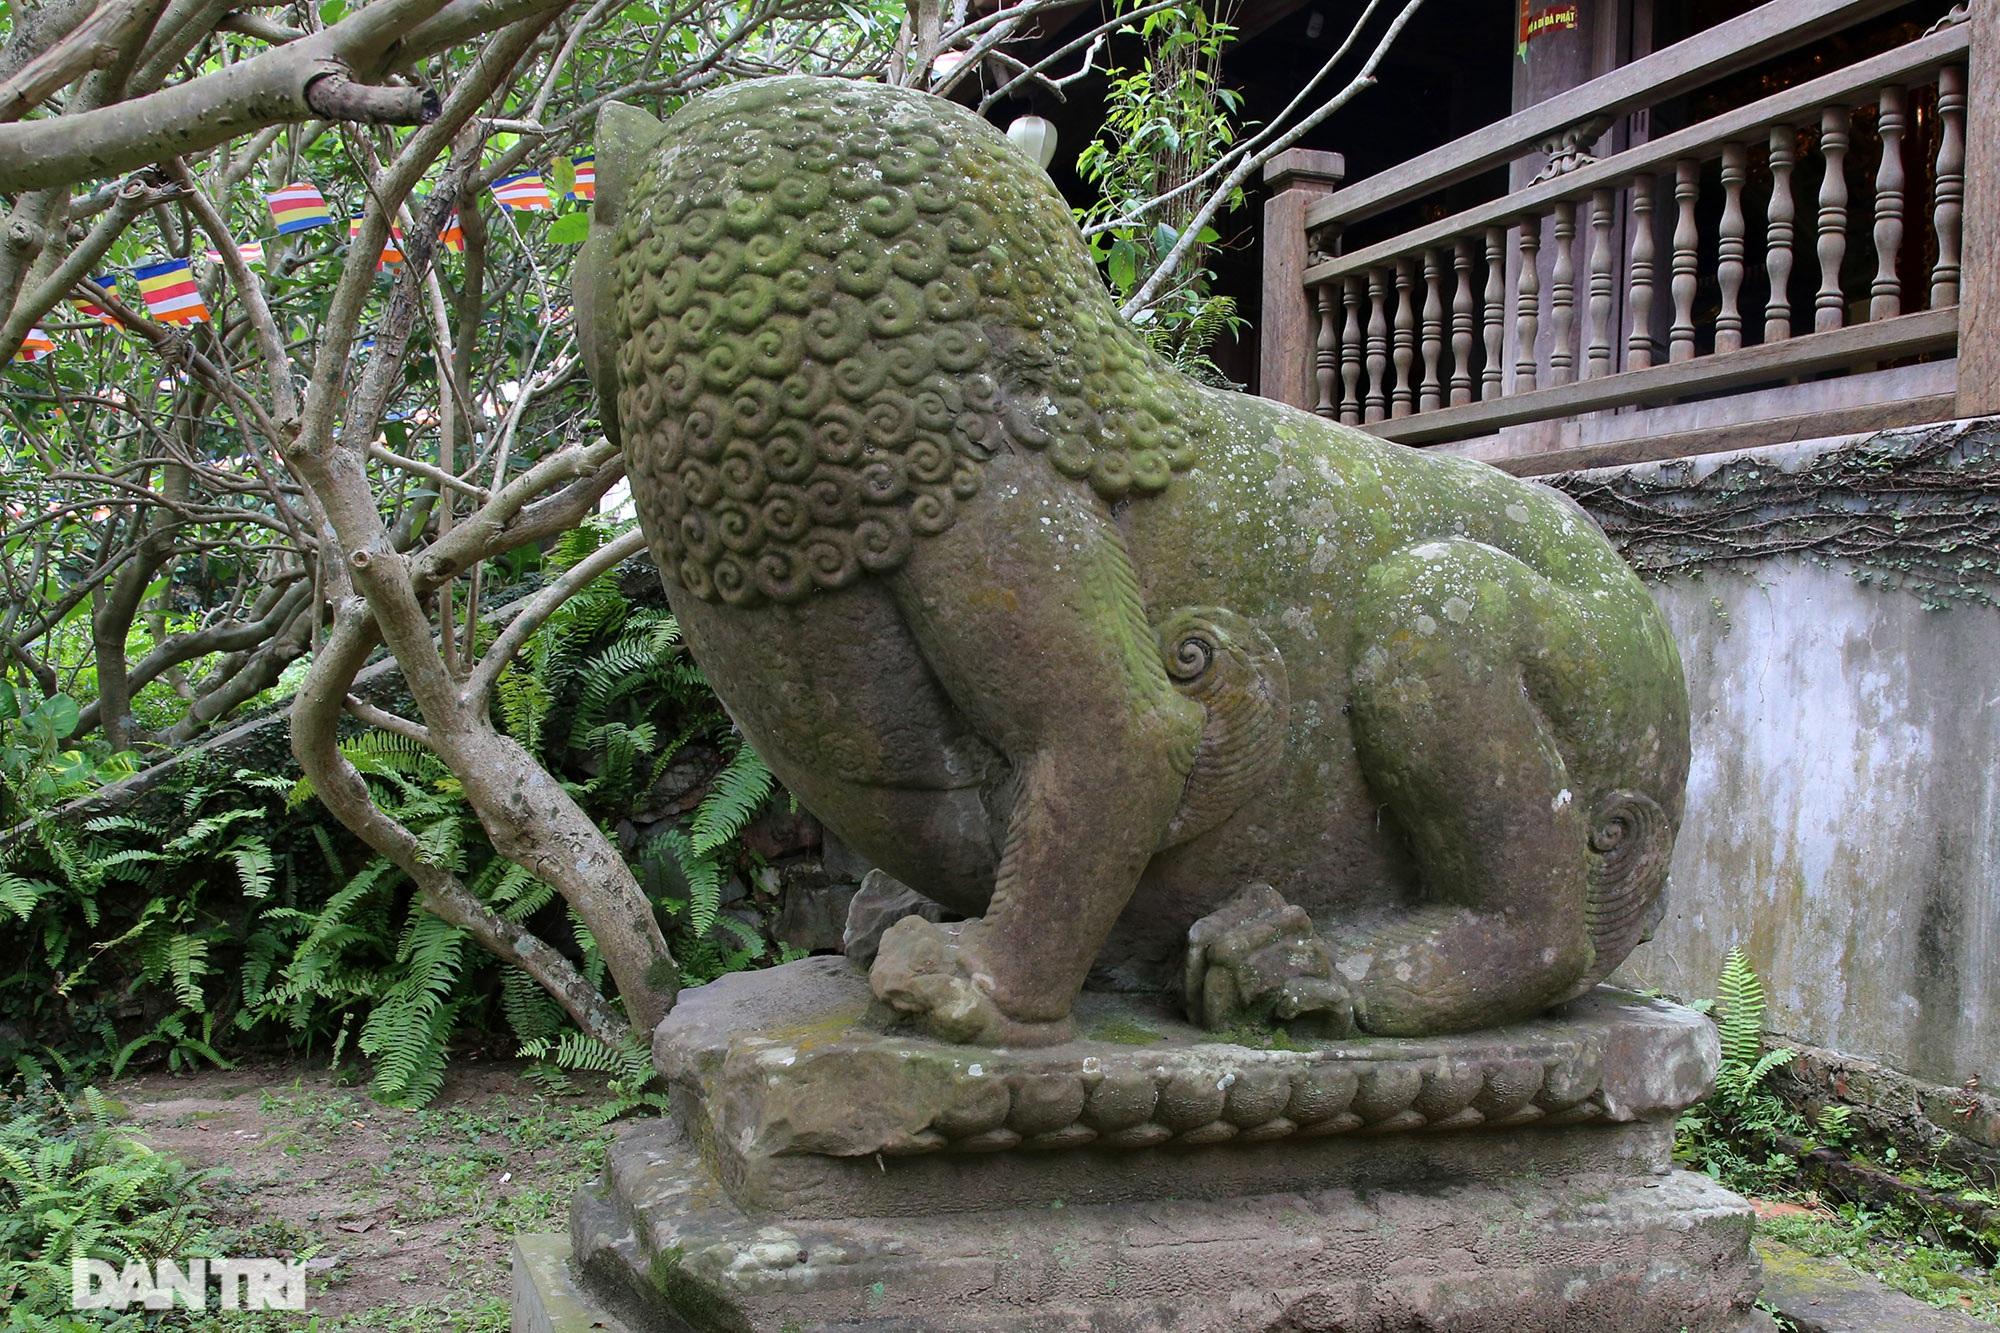 Kỳ lạ 10 linh thú đá nghìn năm tuổi canh gác chùa Phật Tích - 13